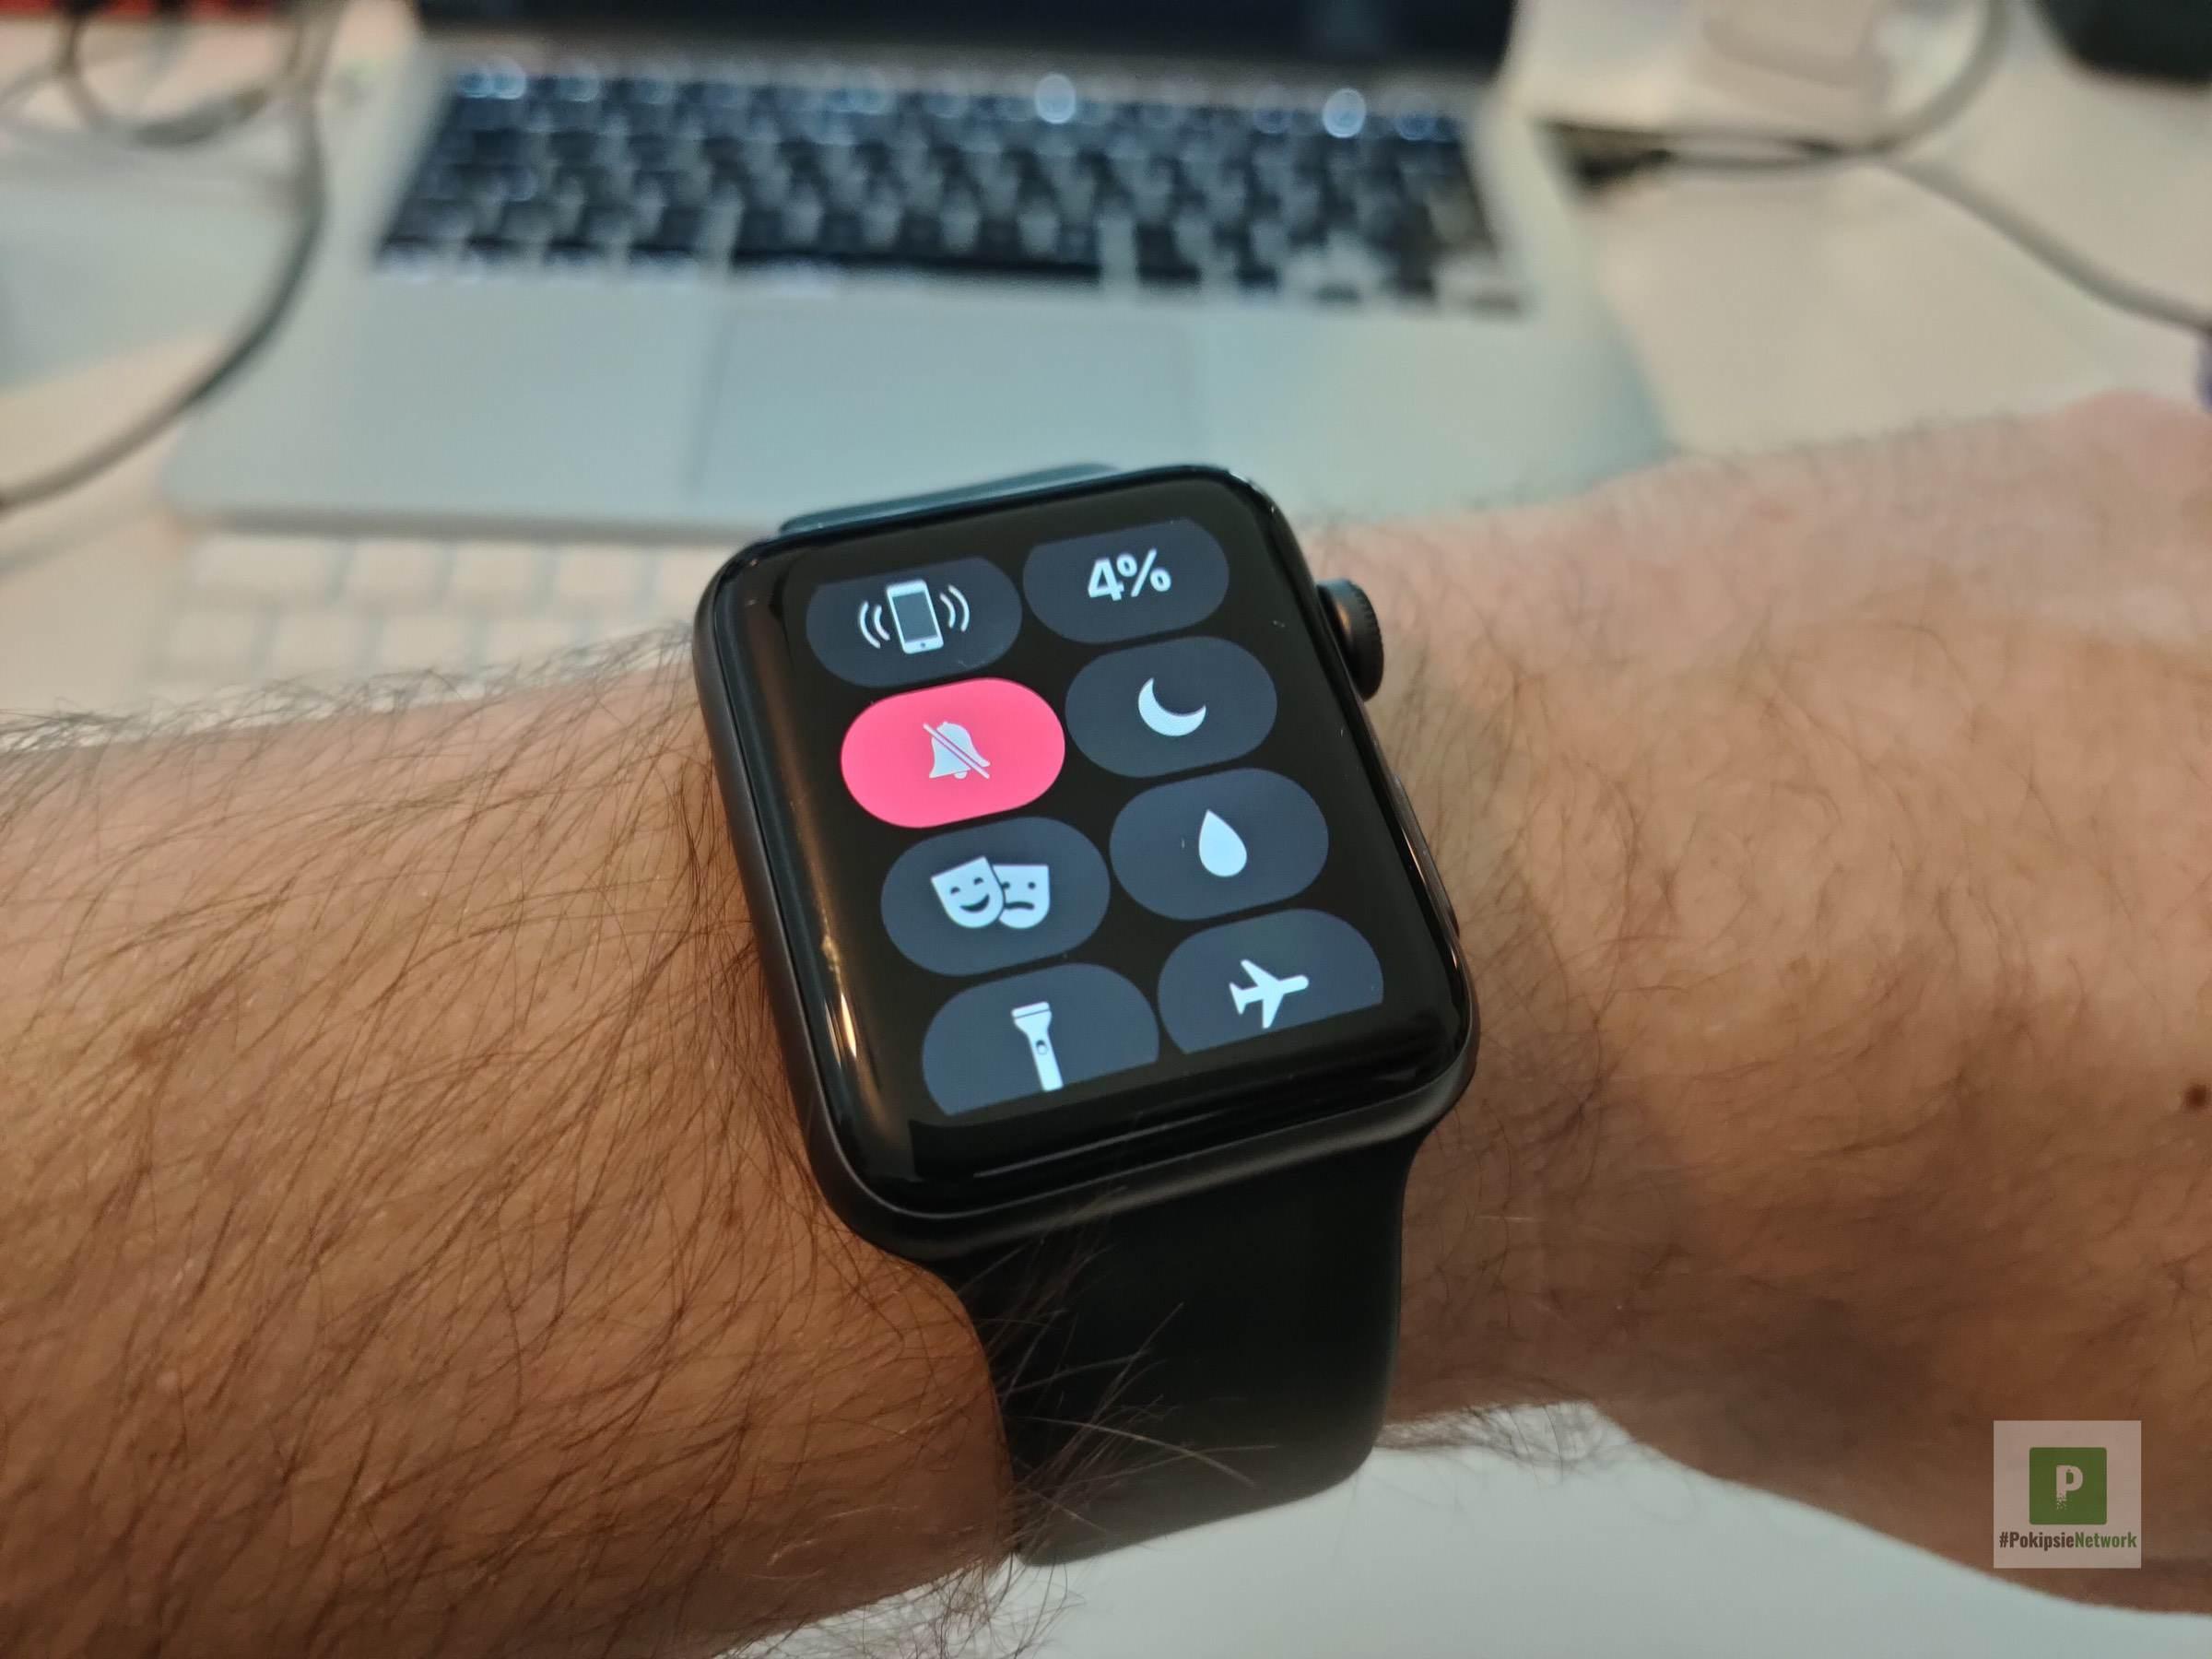 Tutorial: Apple Watch Displaysperre aktivieren und deaktivieren